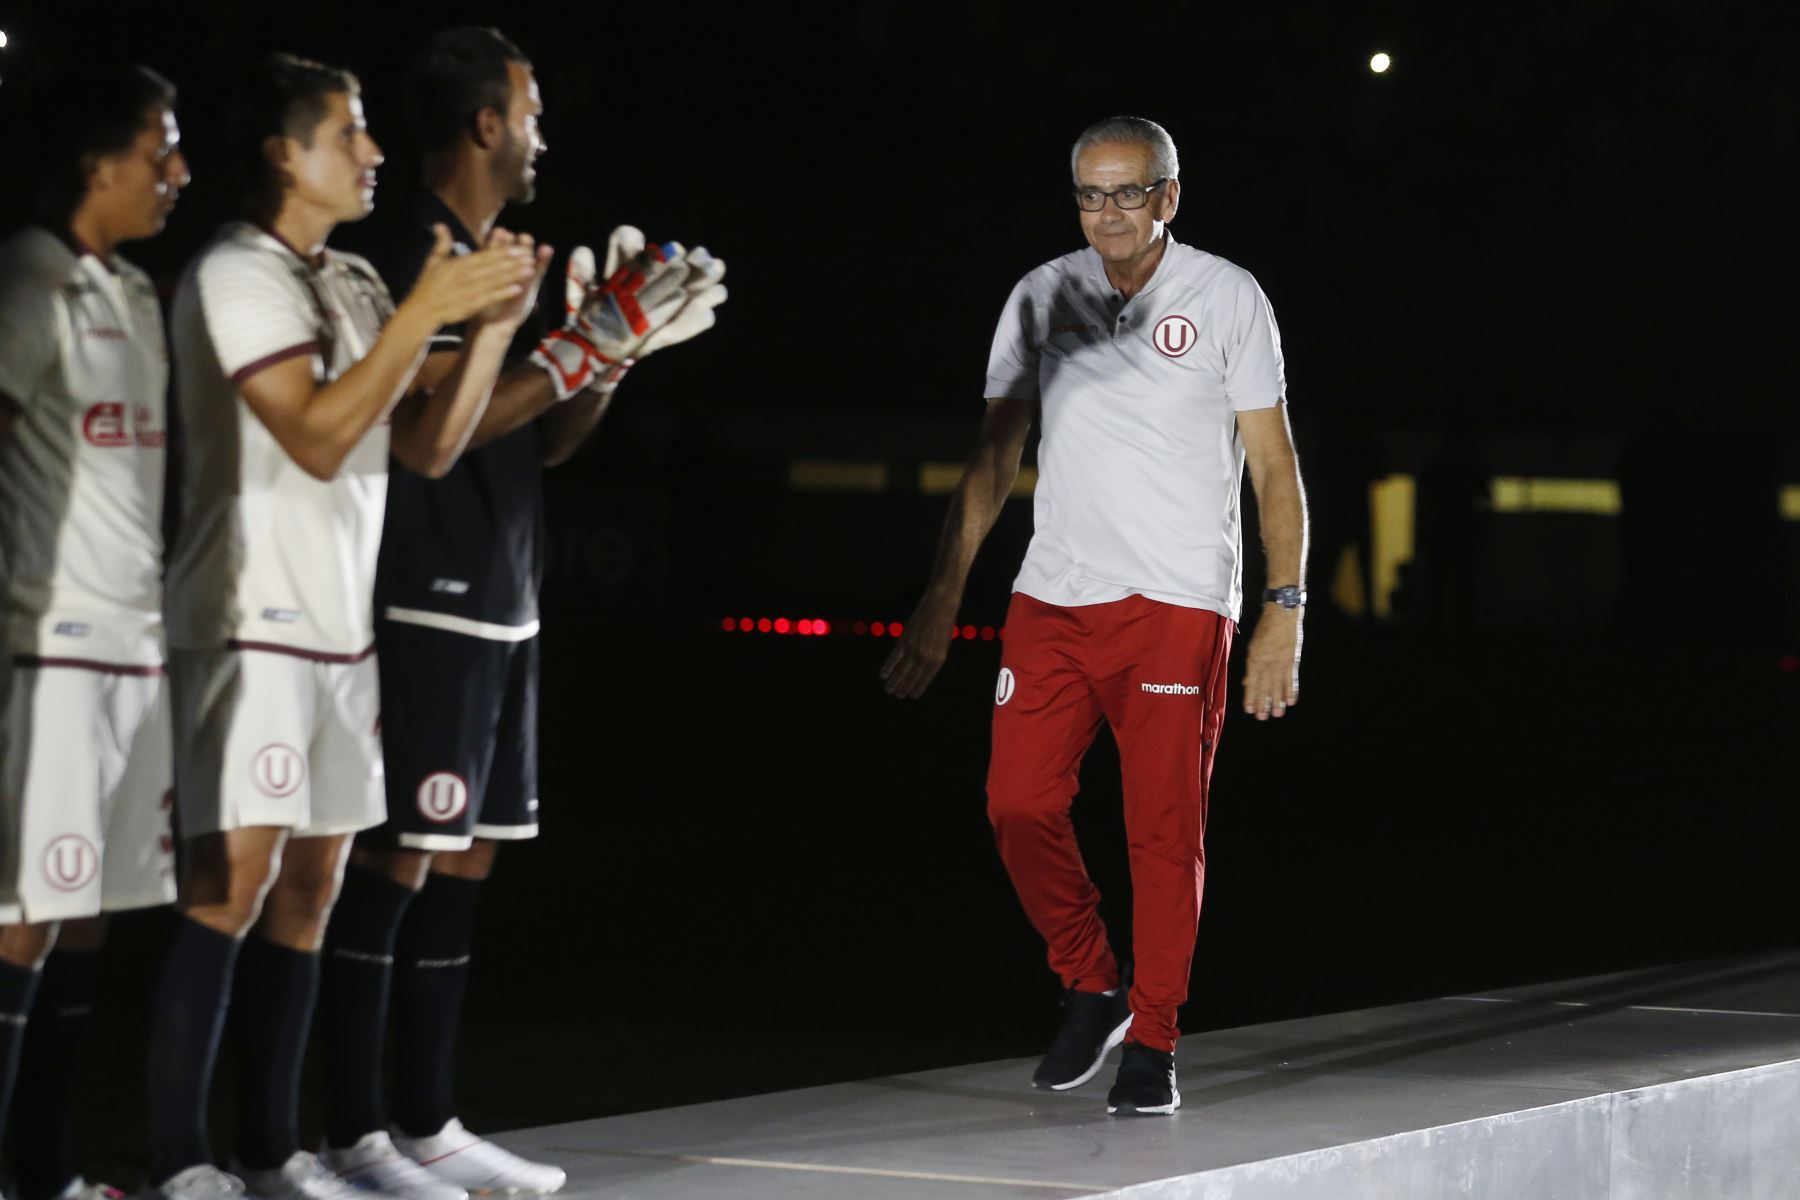 El club Universitario de Deportes presentó a su plantel de jugadores para este año y su entrenador, Gregorio Pérez, en la 'Noche Crema' en el cual enfrentá al conjunto Cerro Largo de Uruguay. .Foto: ANDINA/Eddy Ramos